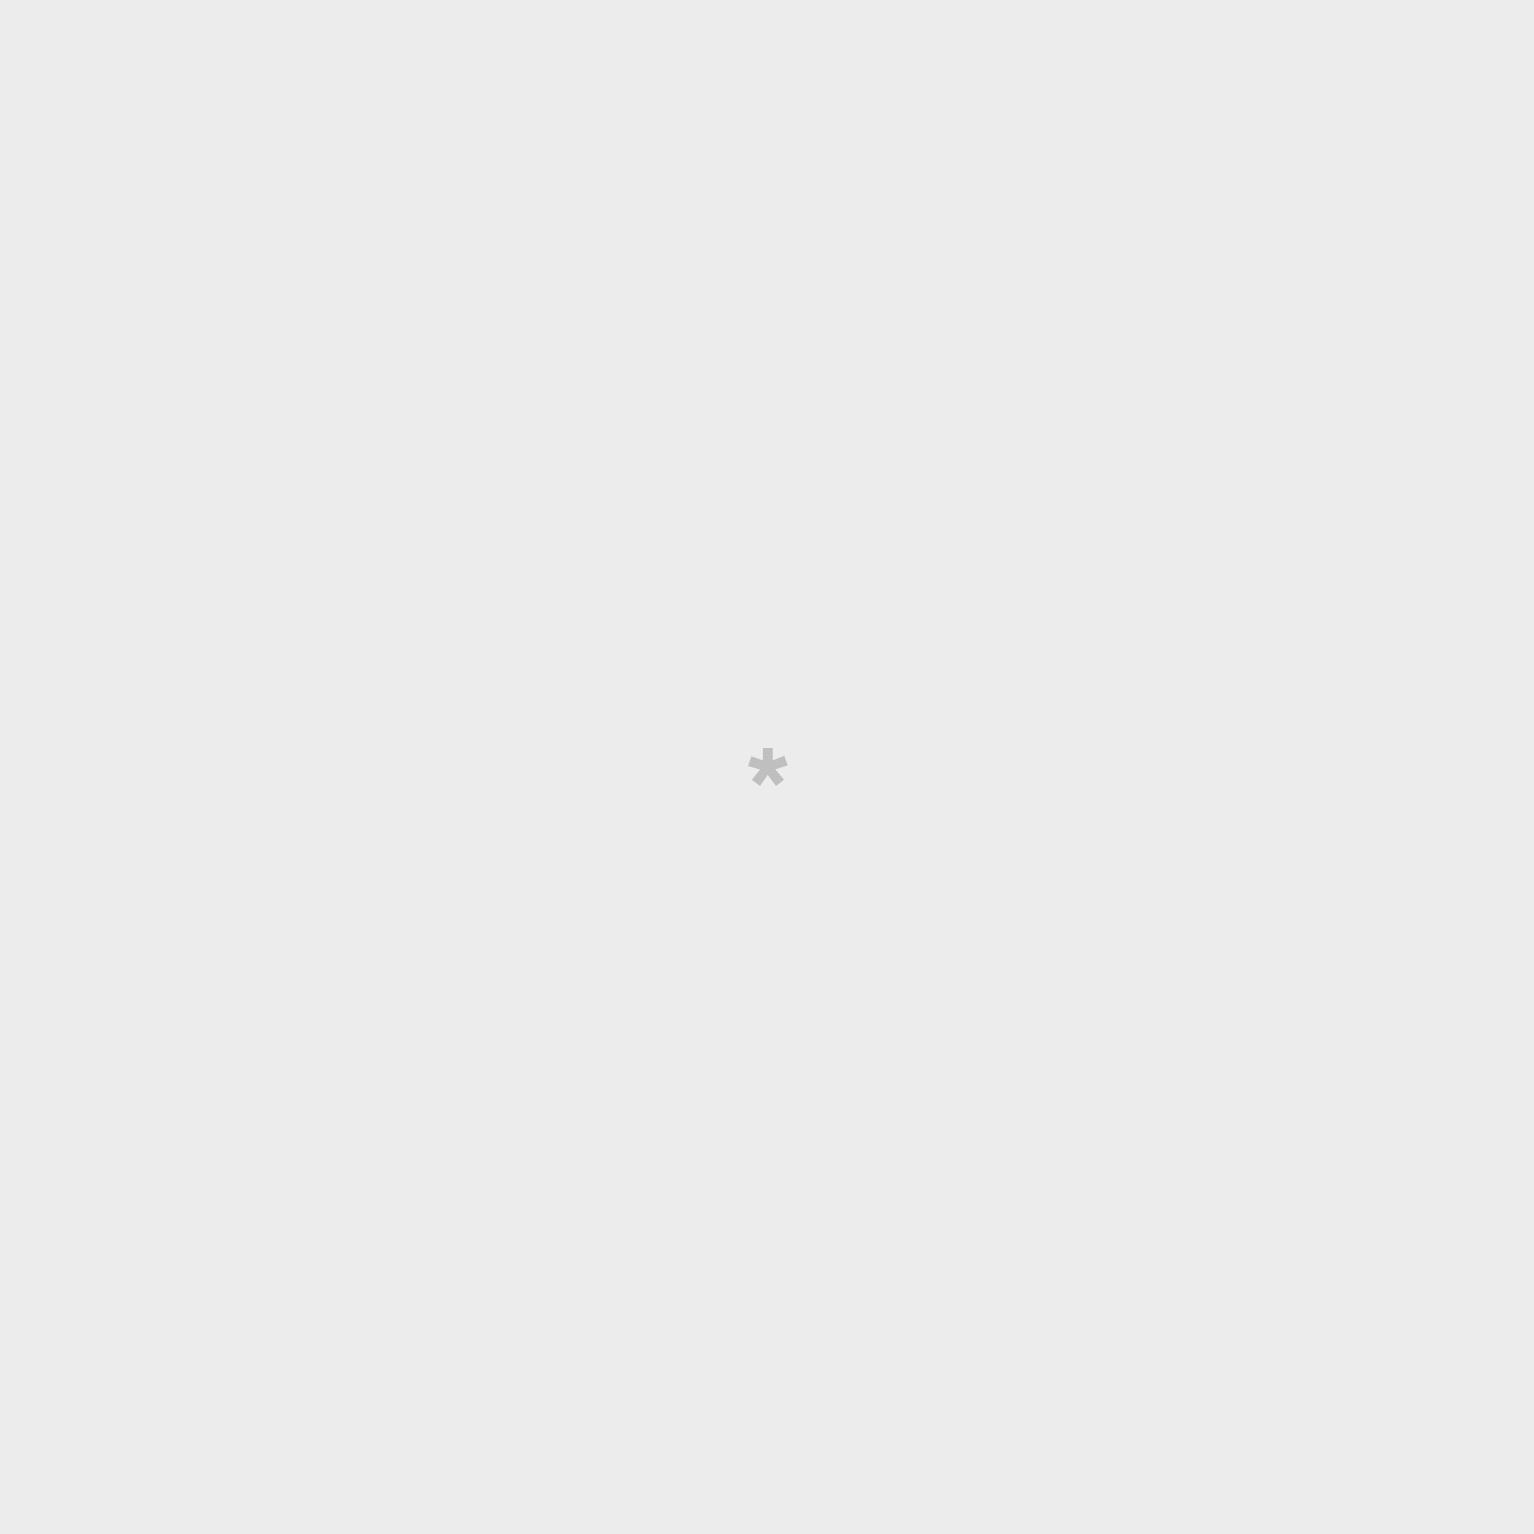 Cuentameses - 12 meses repletos de amor del bueno